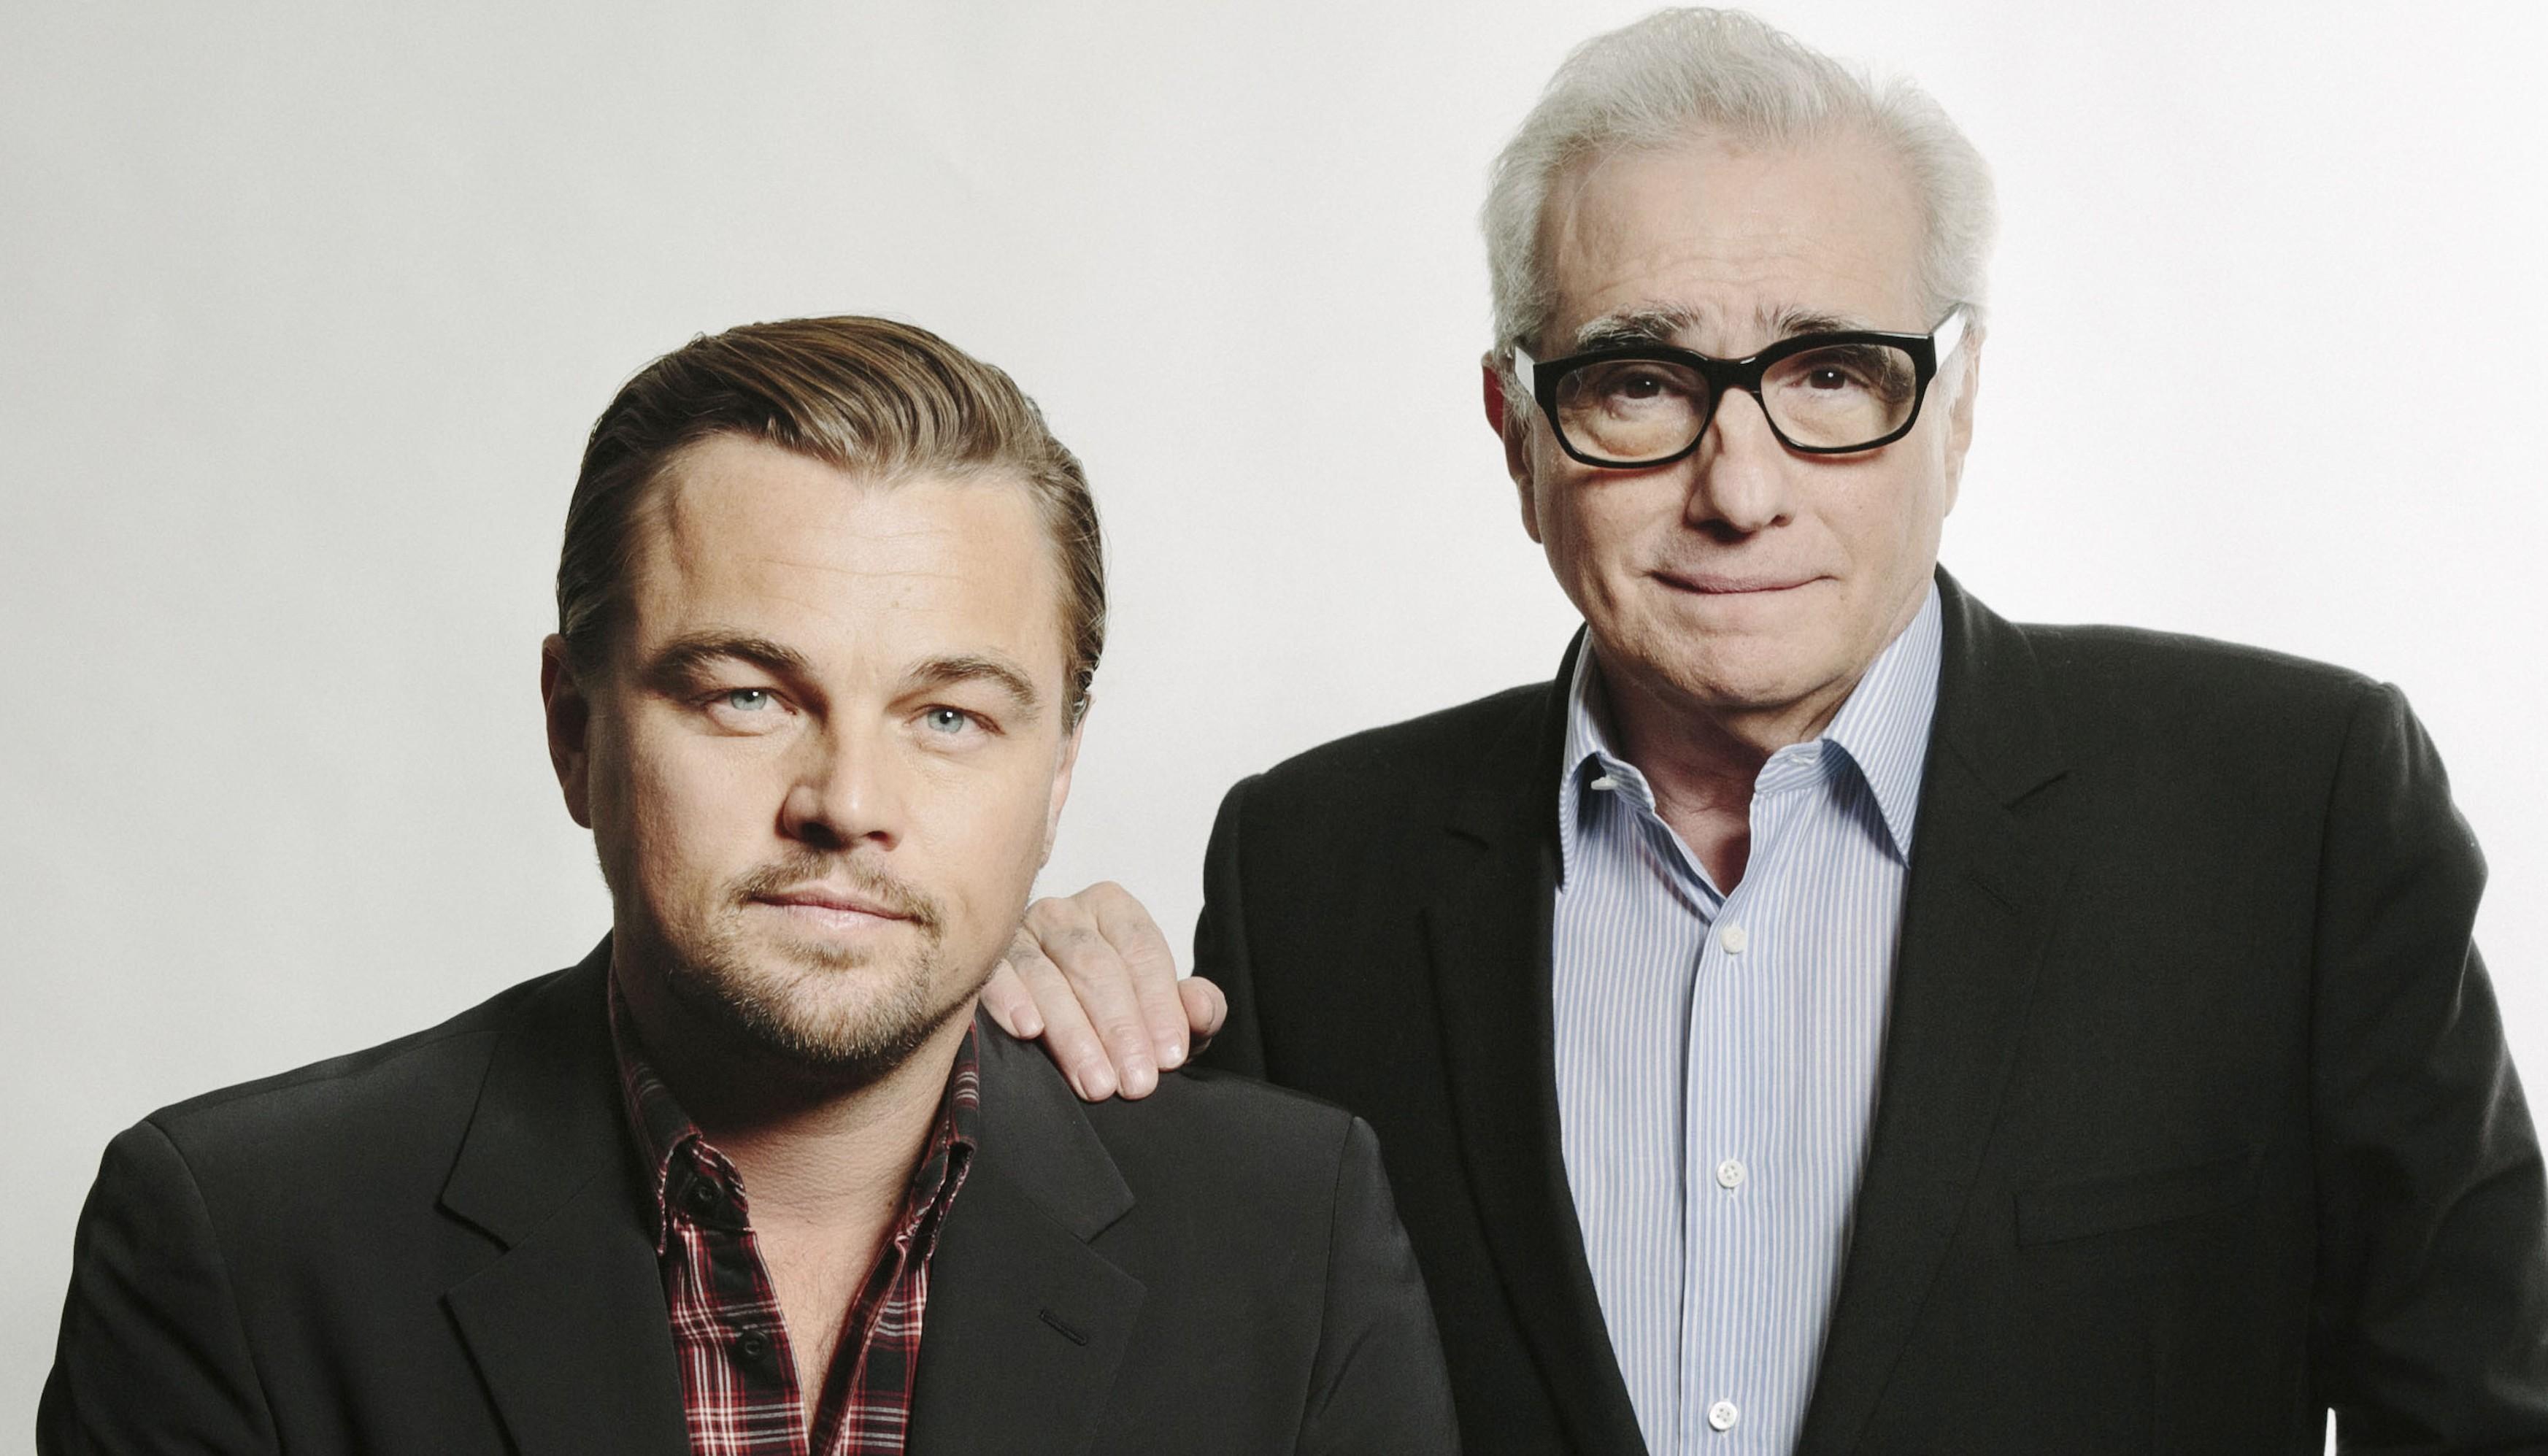 Martin Scorsese e Leonardo DiCaprio di nuovo insieme in un film!